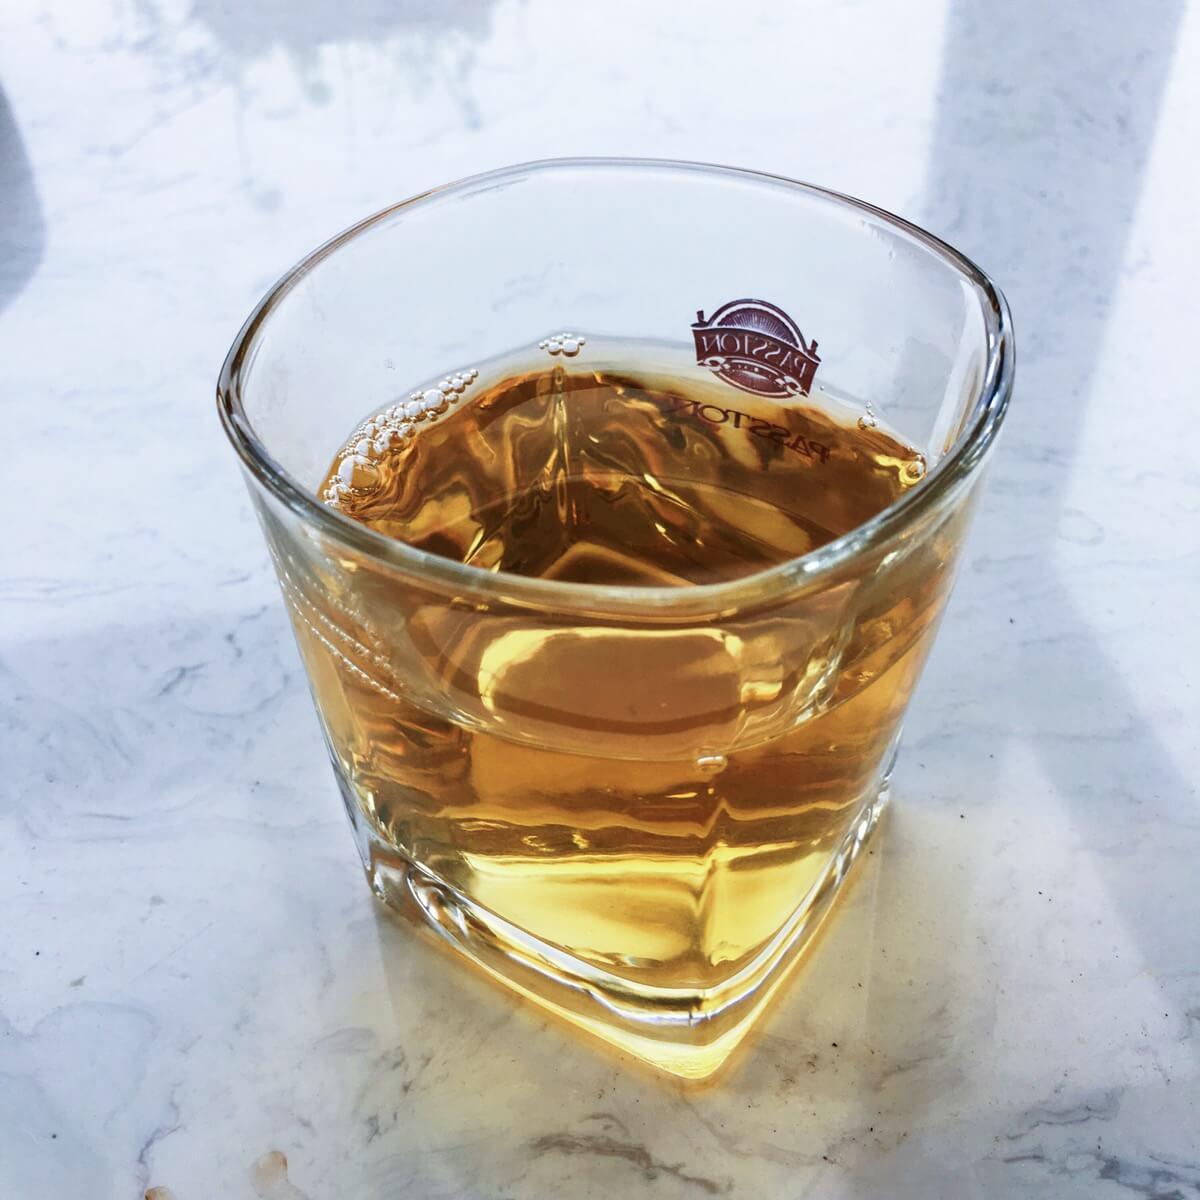 杯具果然能提升品味,好漂亮。以后多喝茶。